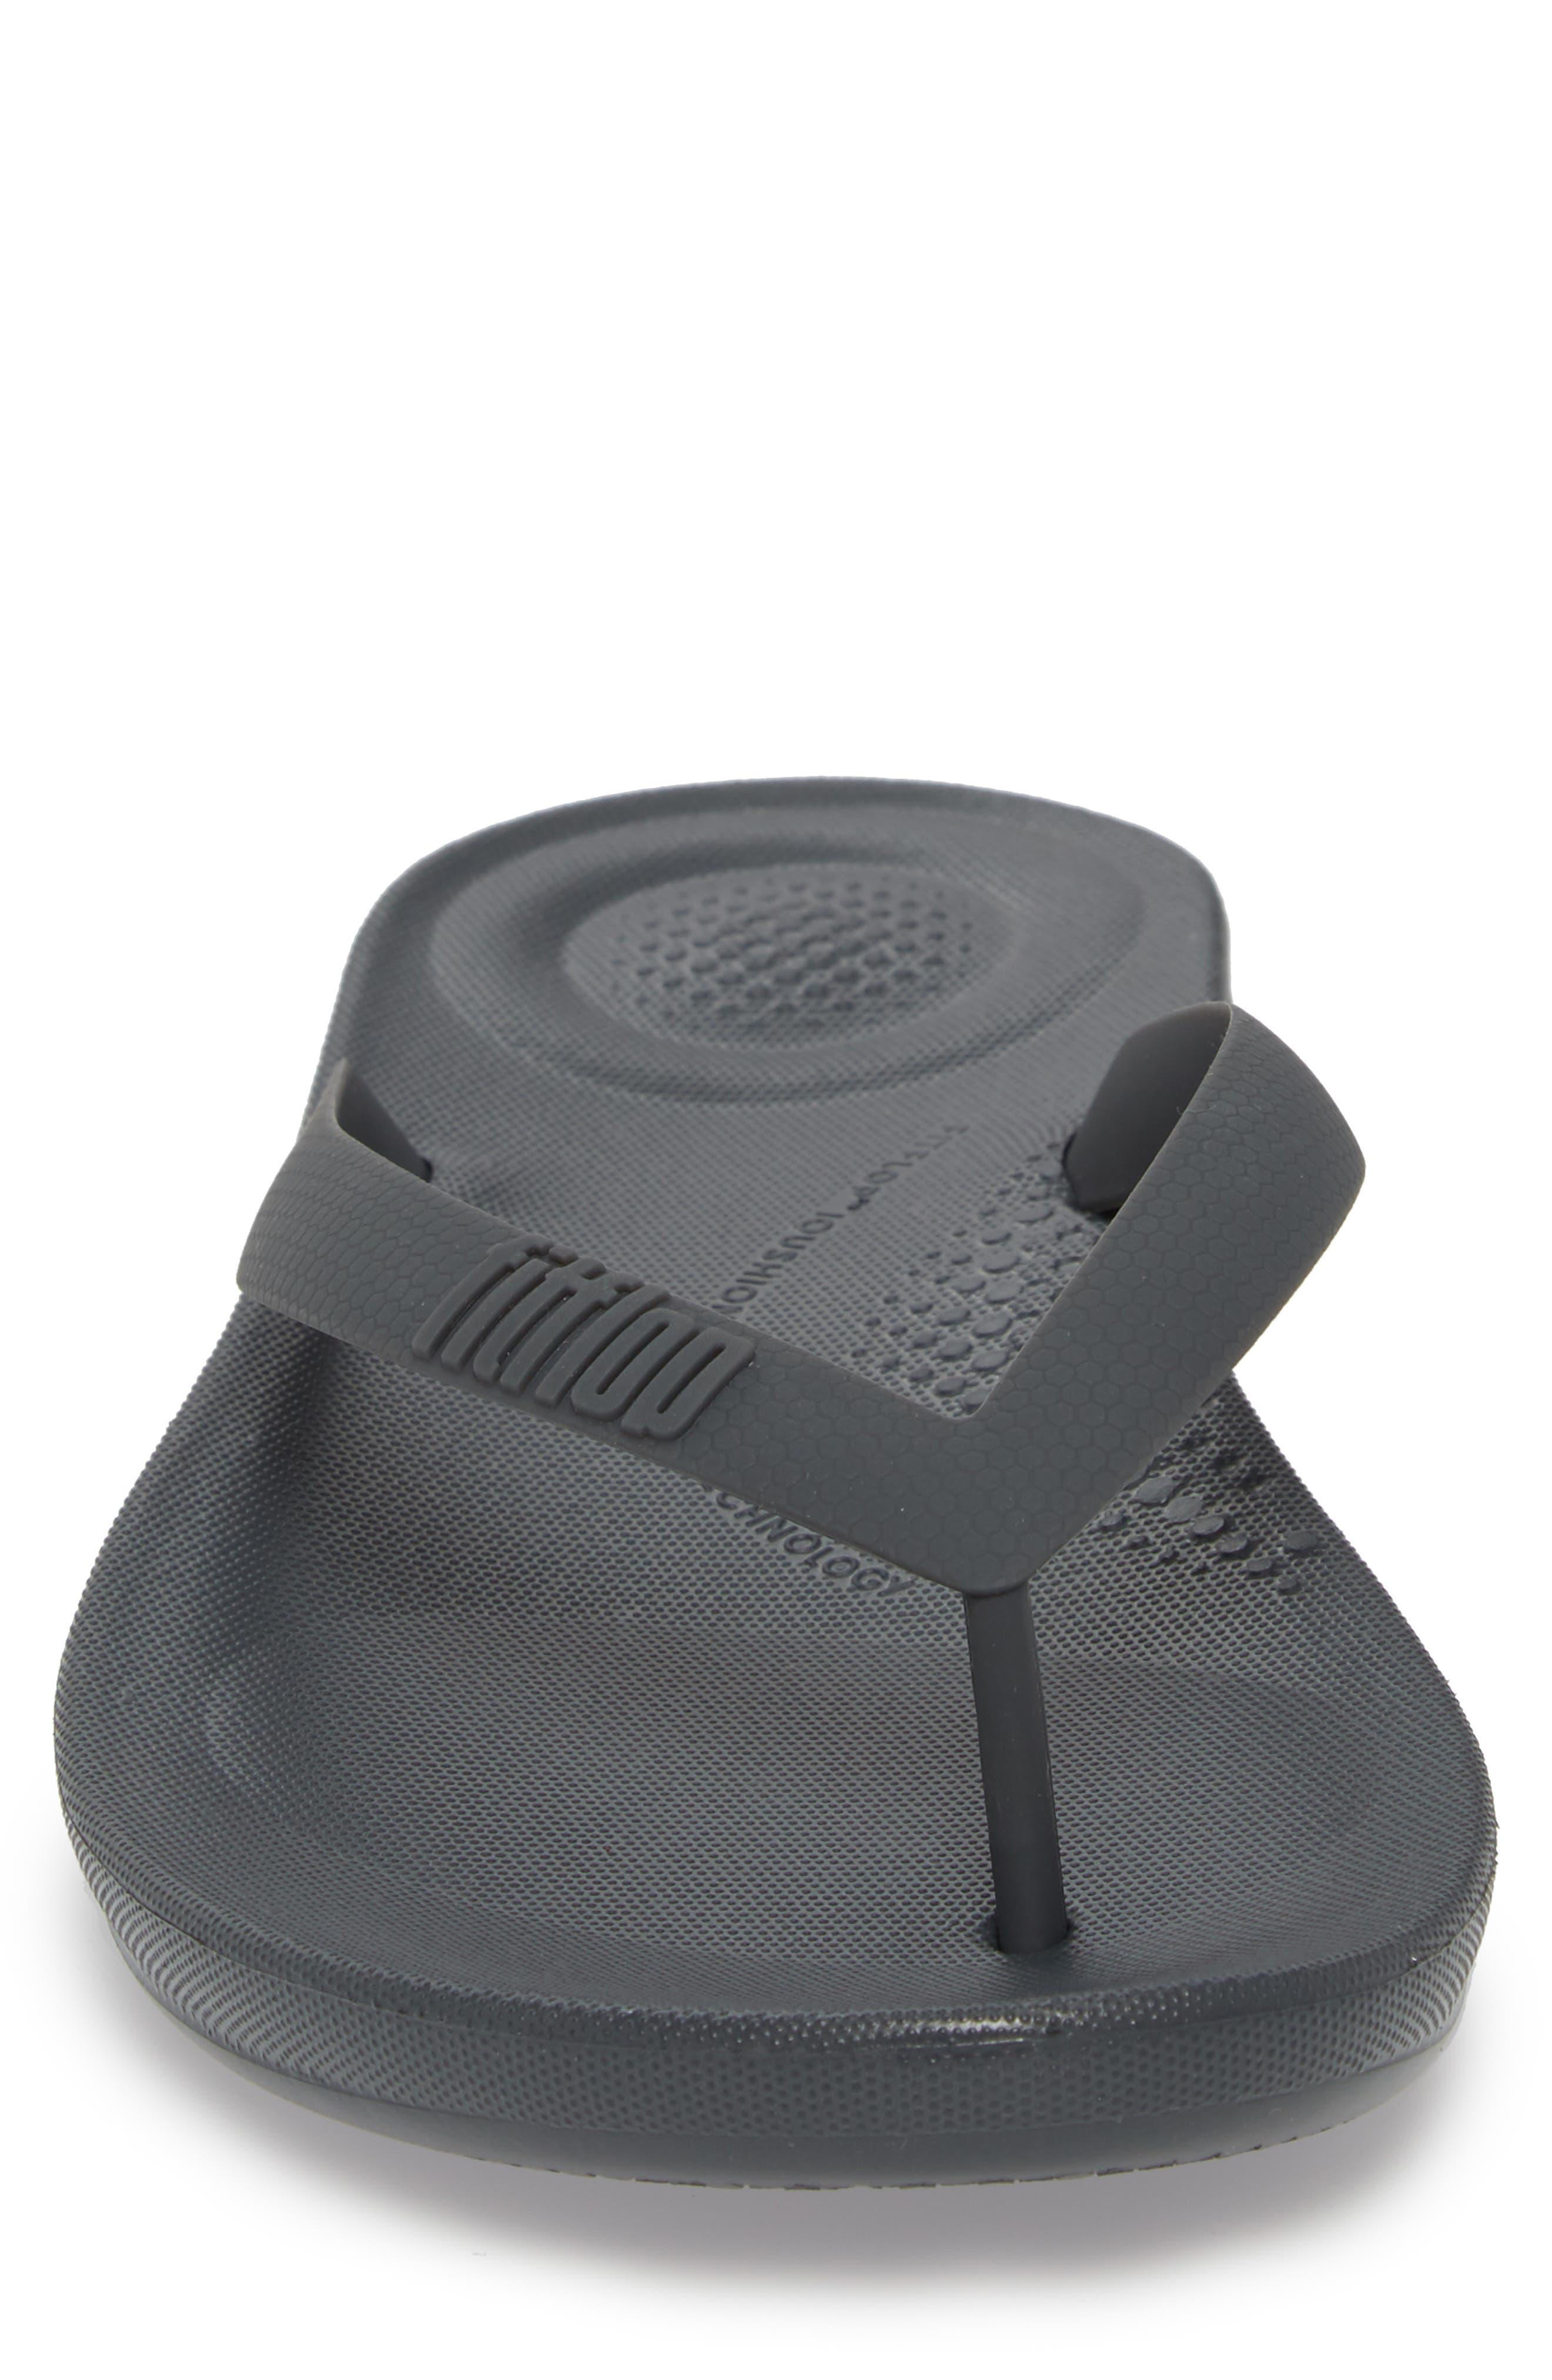 iQushion Flip Flop,                             Alternate thumbnail 4, color,                             Charcoal Rubber